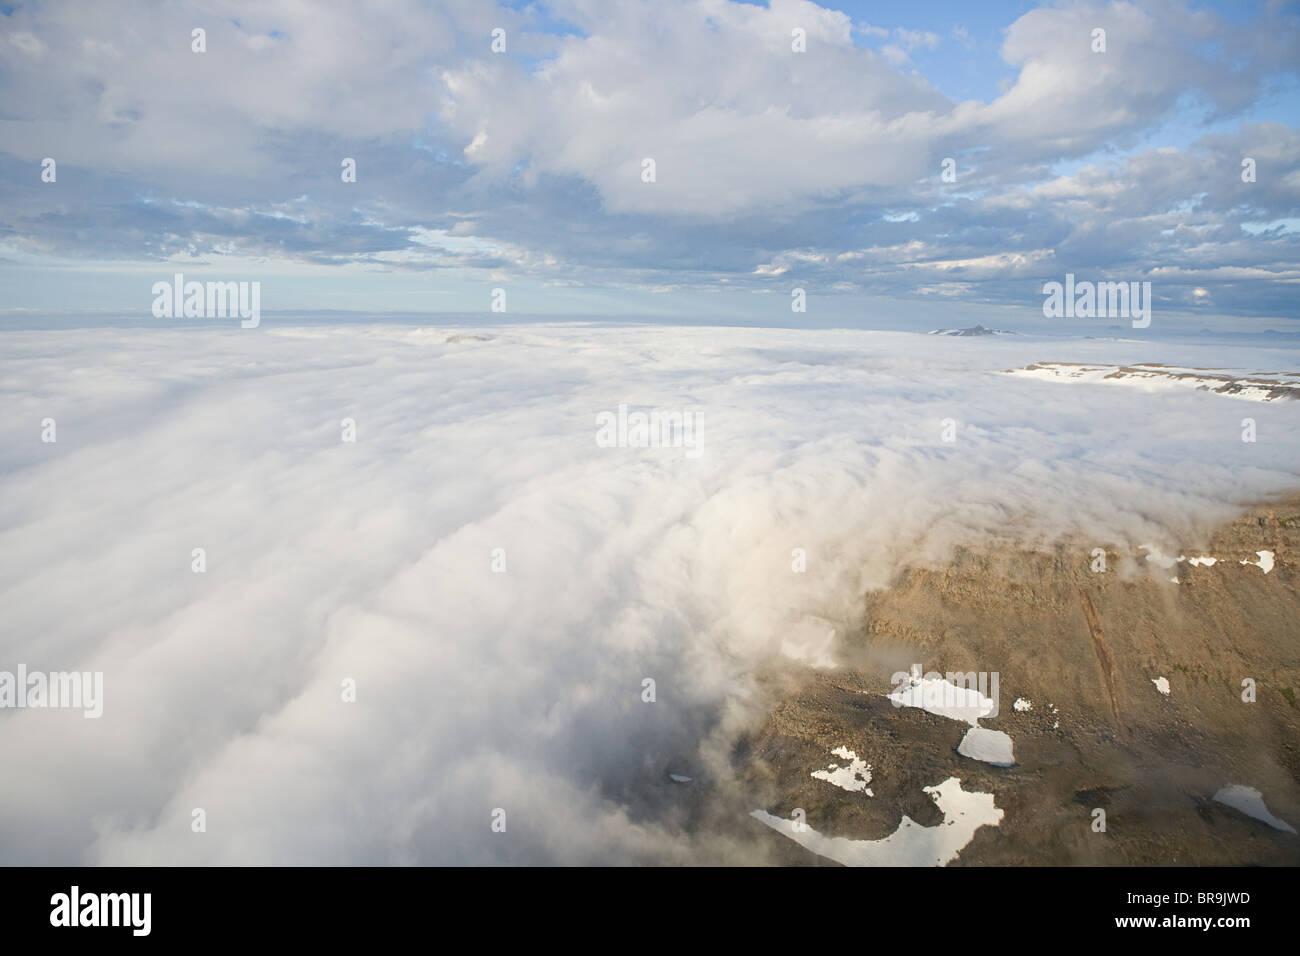 Iceland, lakagigar volcanic fissure - Stock Image